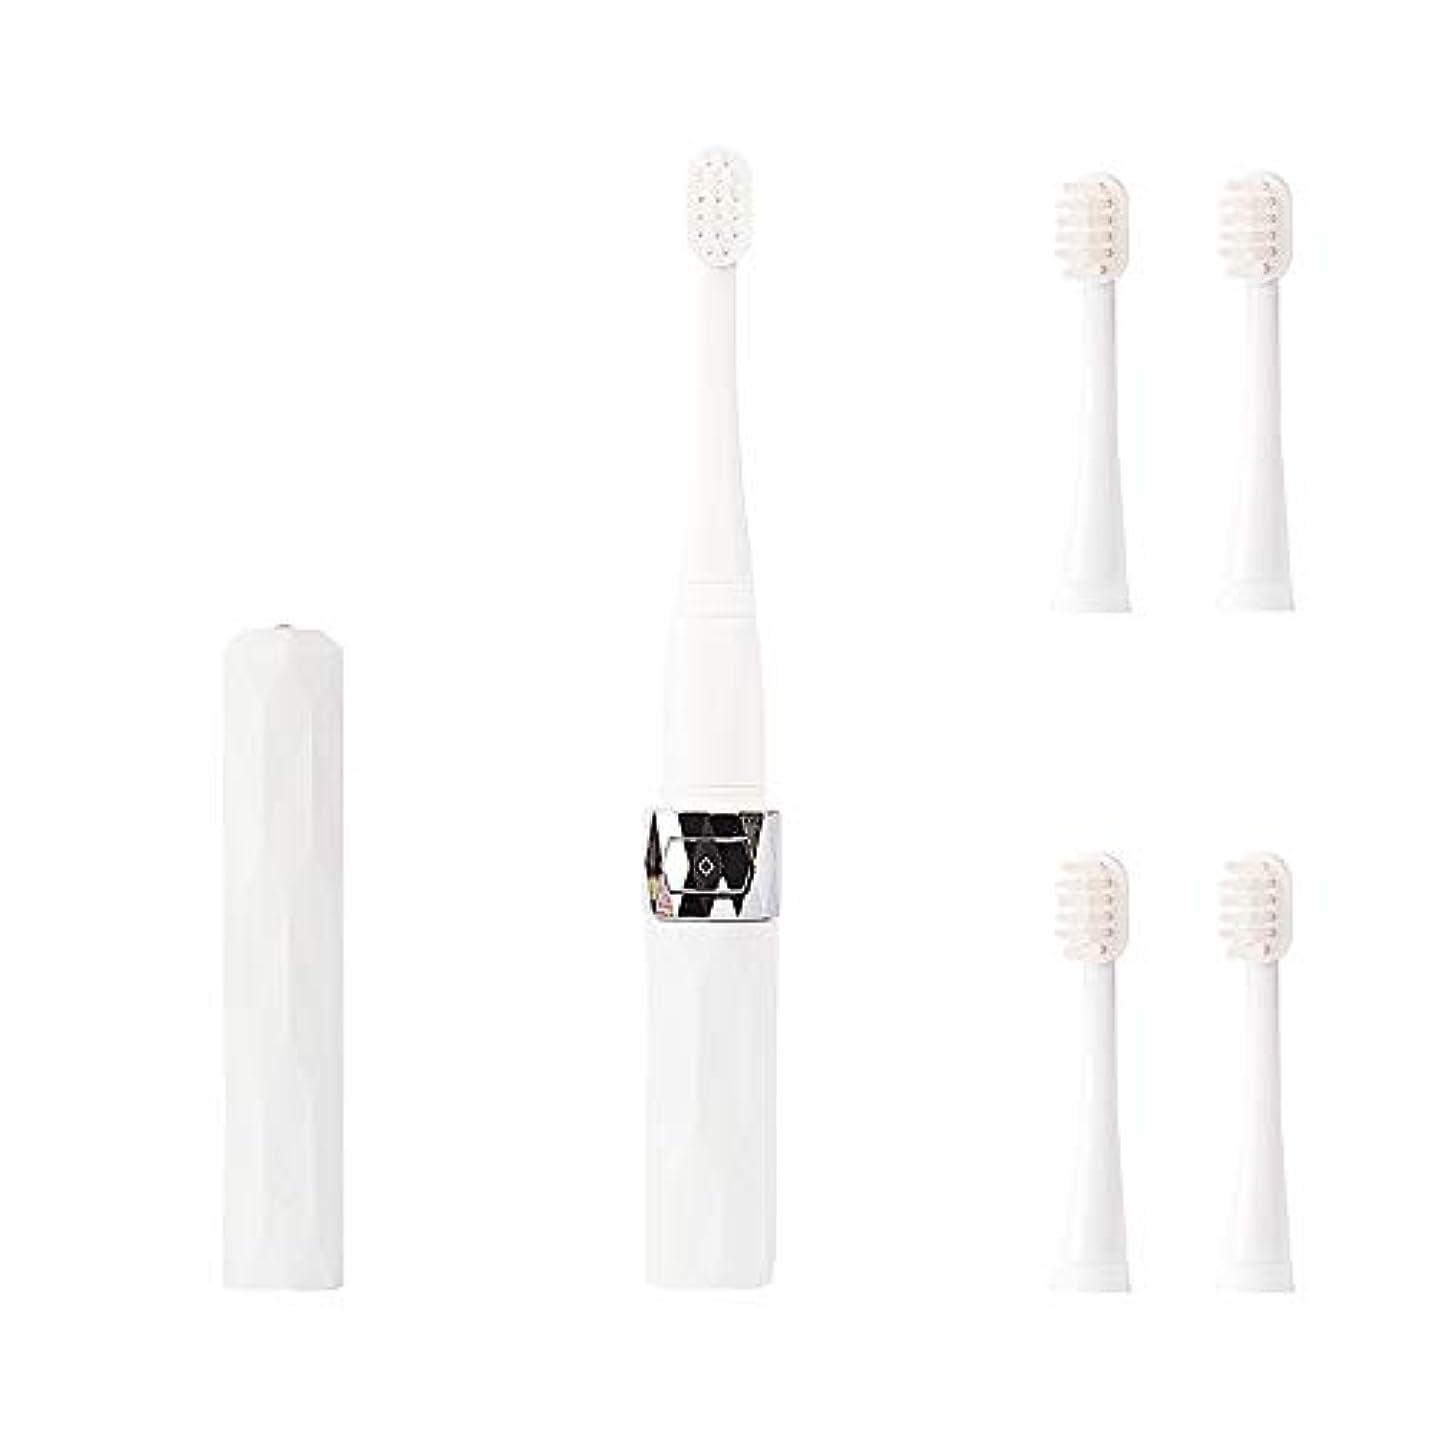 キャプテンビュッフェ定期的なコリミダ(COLIMIDA) 電動歯ブラシ 子供歯ブラシ 音波振動 スマートソニック 携帯に便利な 防水式 替えブラシ4本 歯ブラシシステマ 極細毛 タイプ ルージュ ホワイト